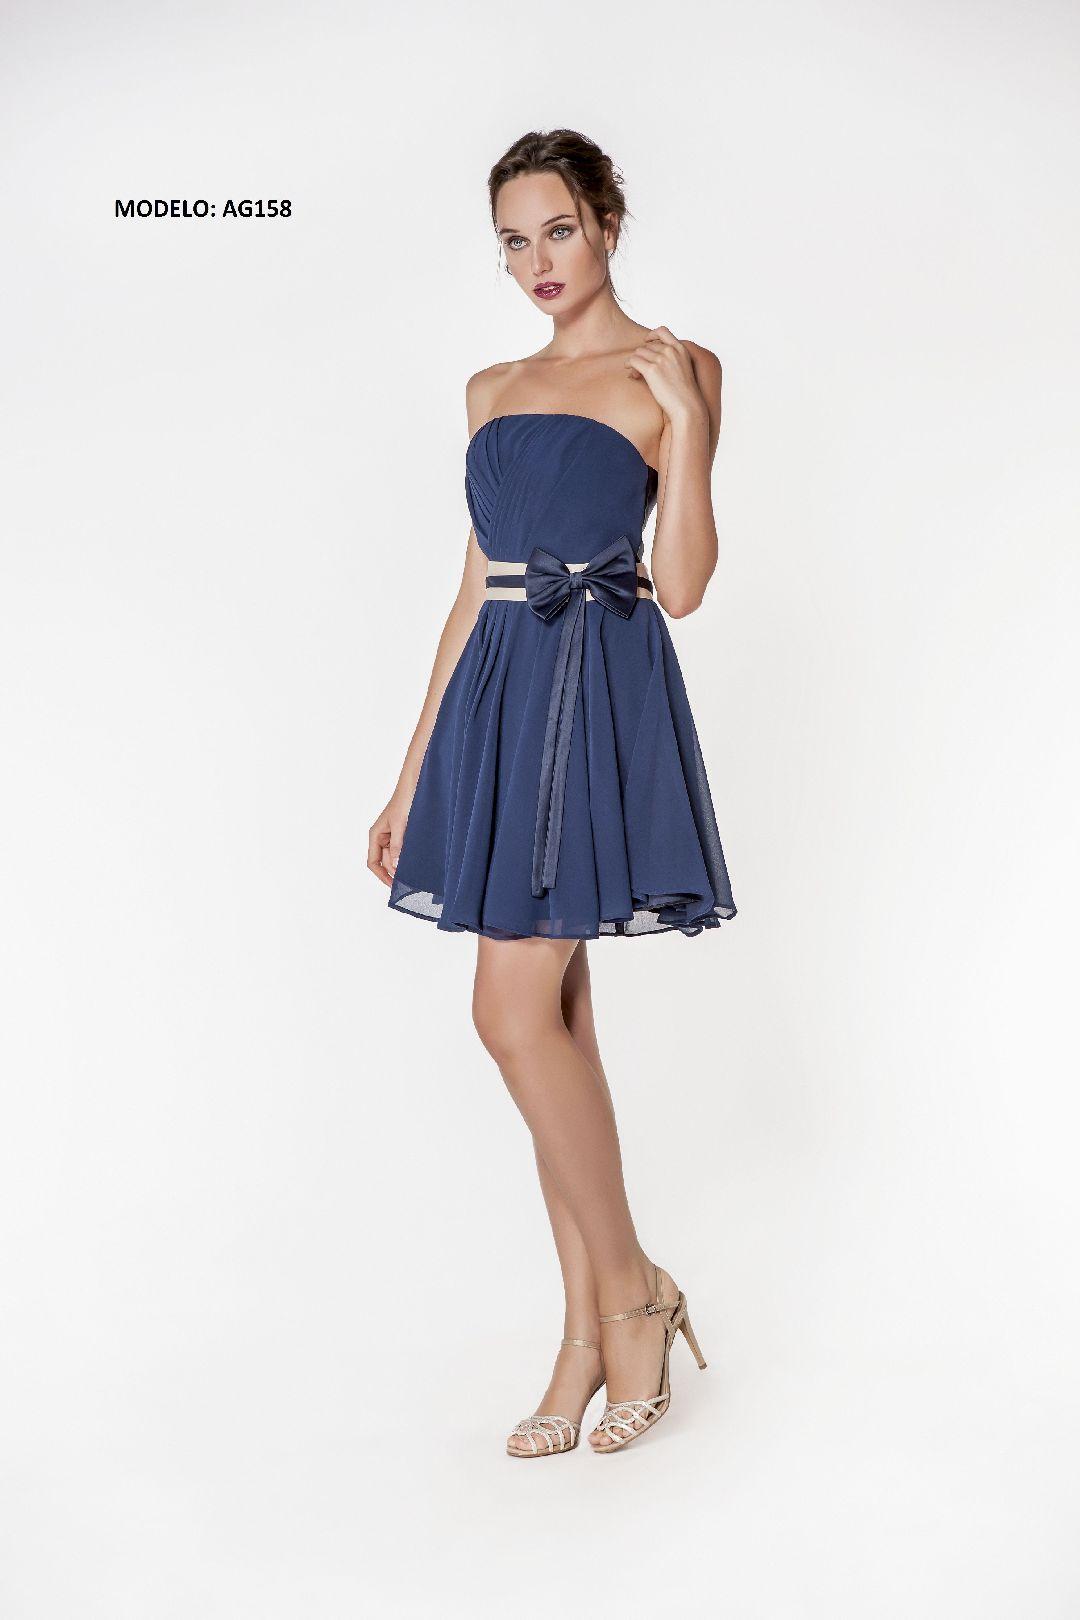 AG158 vestido corto fiesta